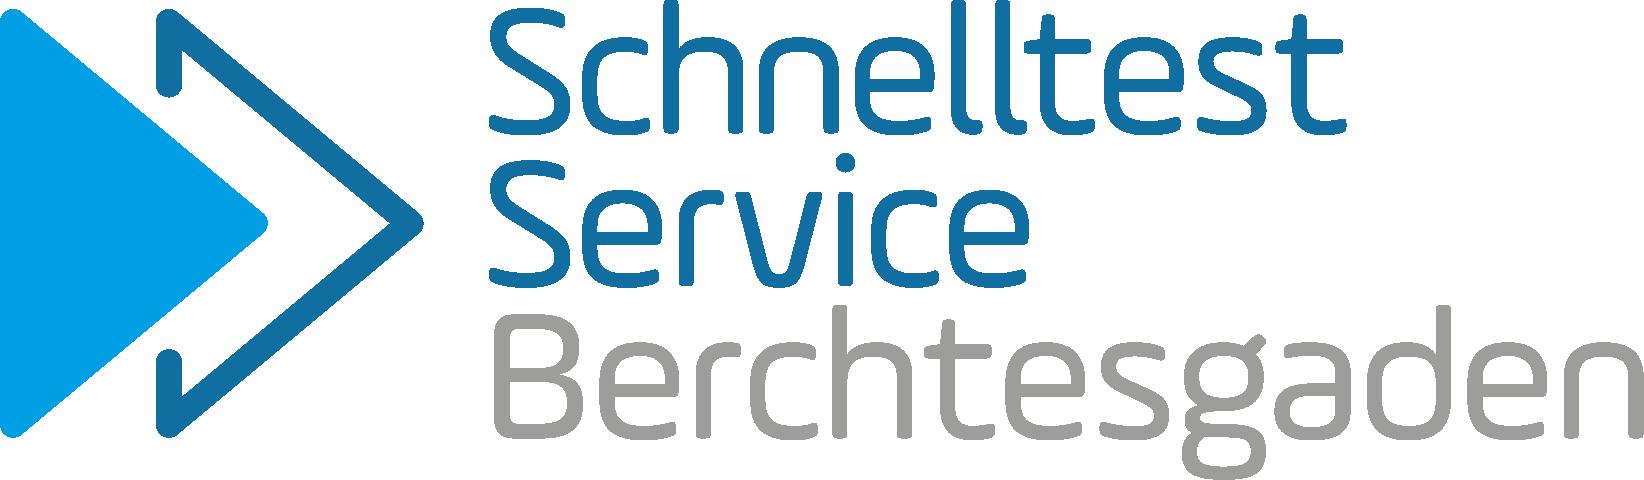 schnelltest software logo